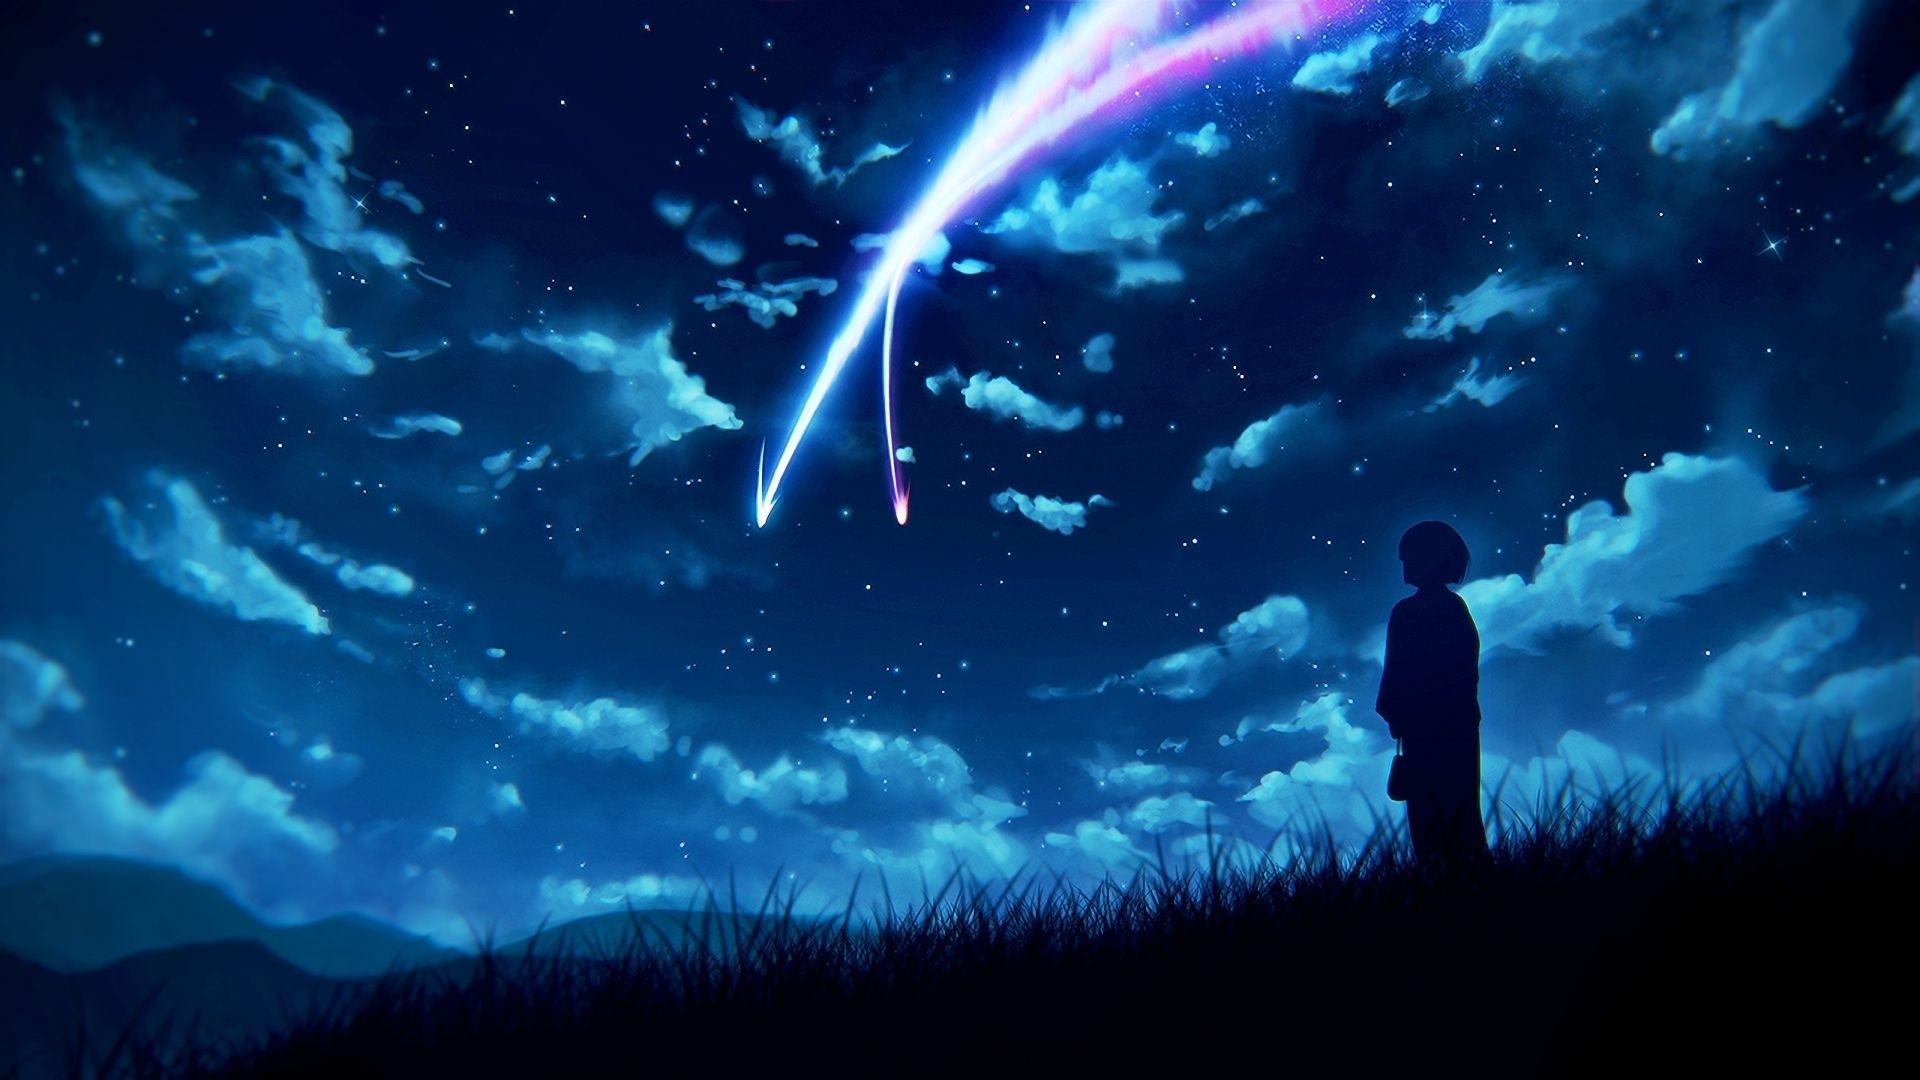 anime your name. mitsuha miyamizu kimi no na wa. wallpaper | kimi no